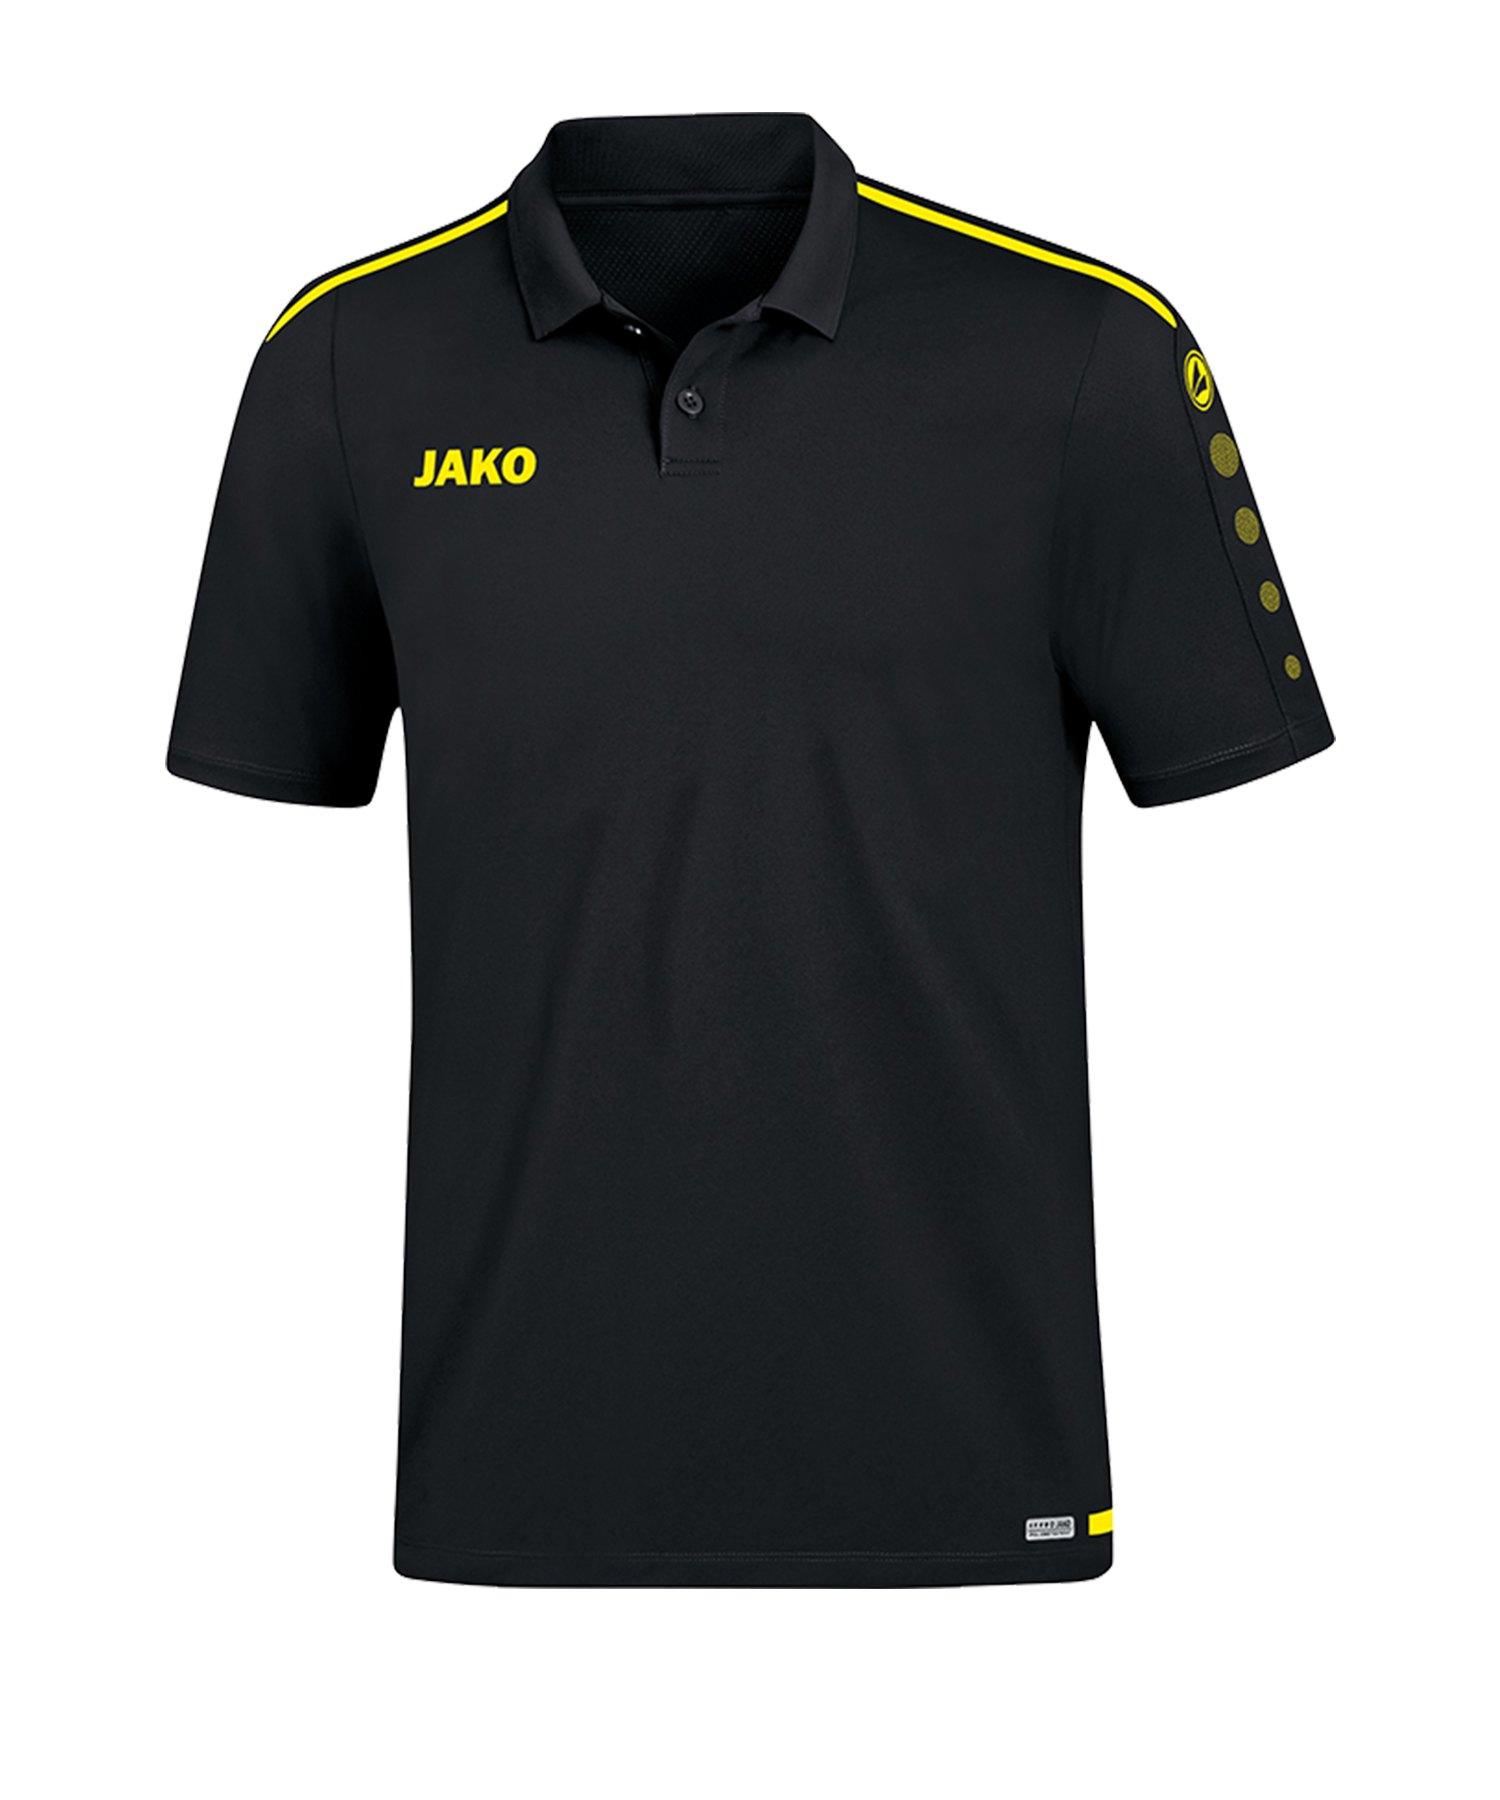 Jako Striker 2.0 Poloshirt Schwarz Gelb F33 - Schwarz